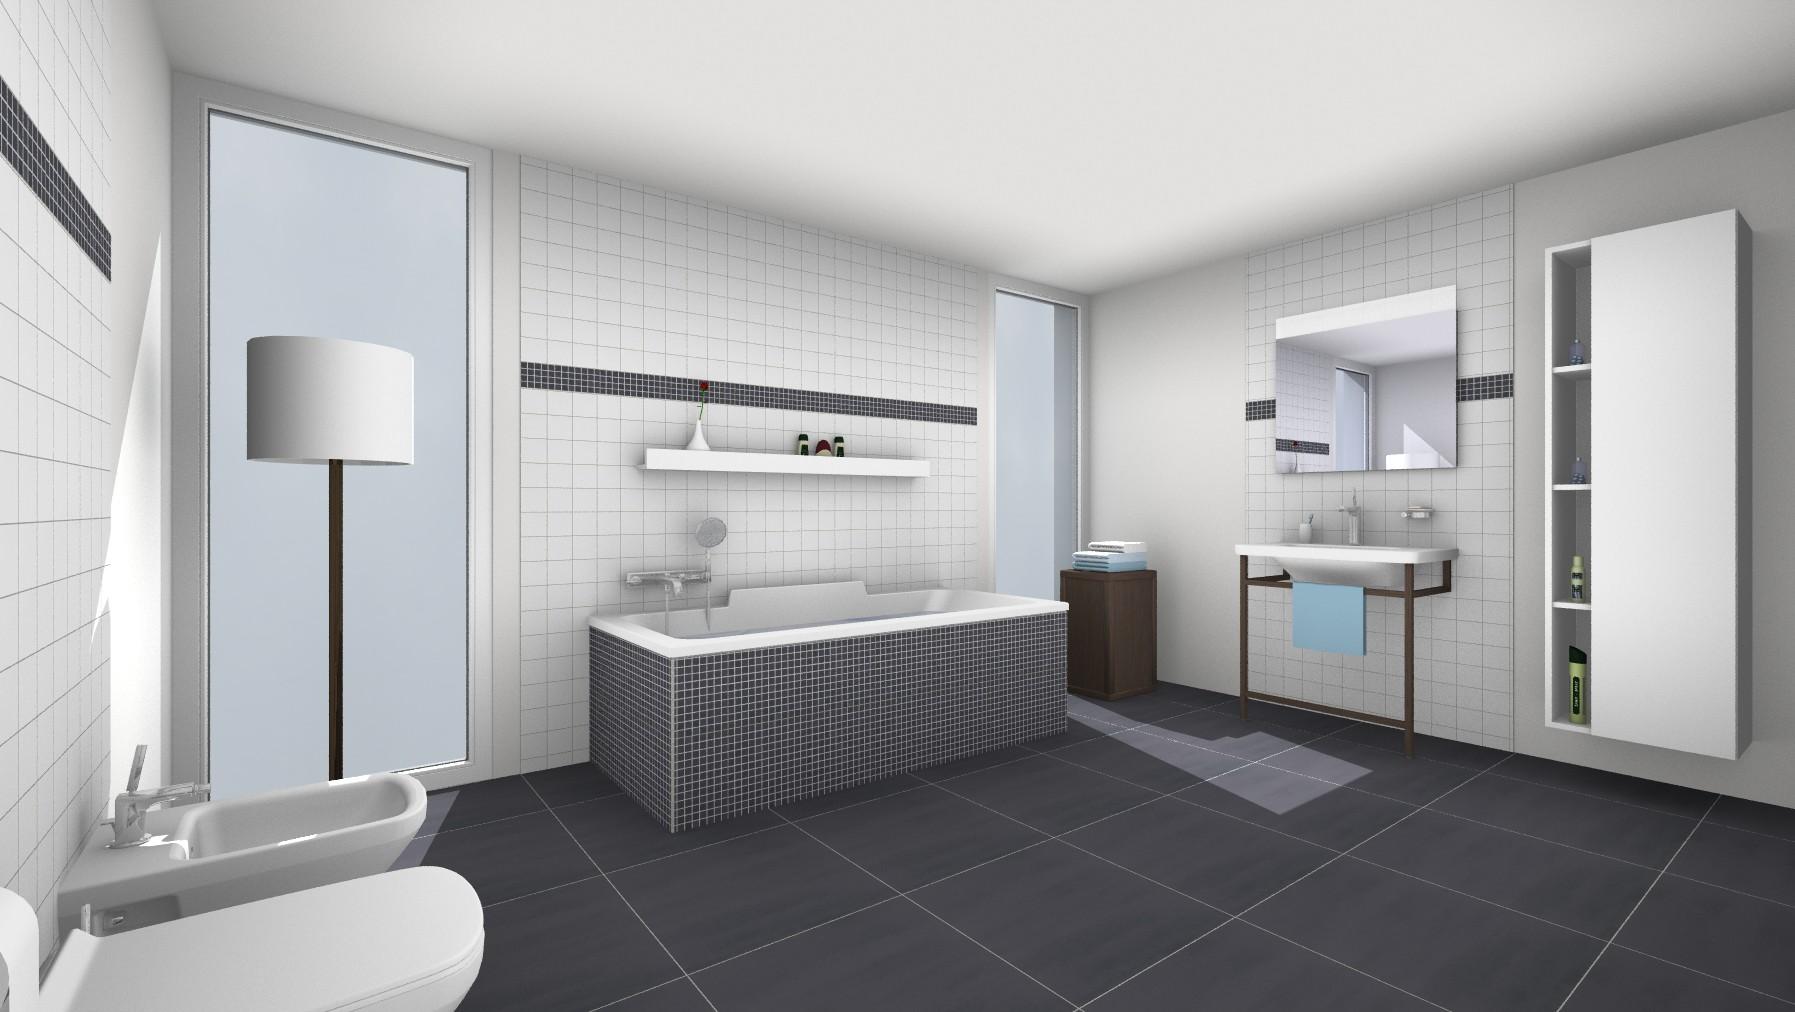 Badplaner Zum Ausdrucken der neue badplaner duravit kostenfrei duravit